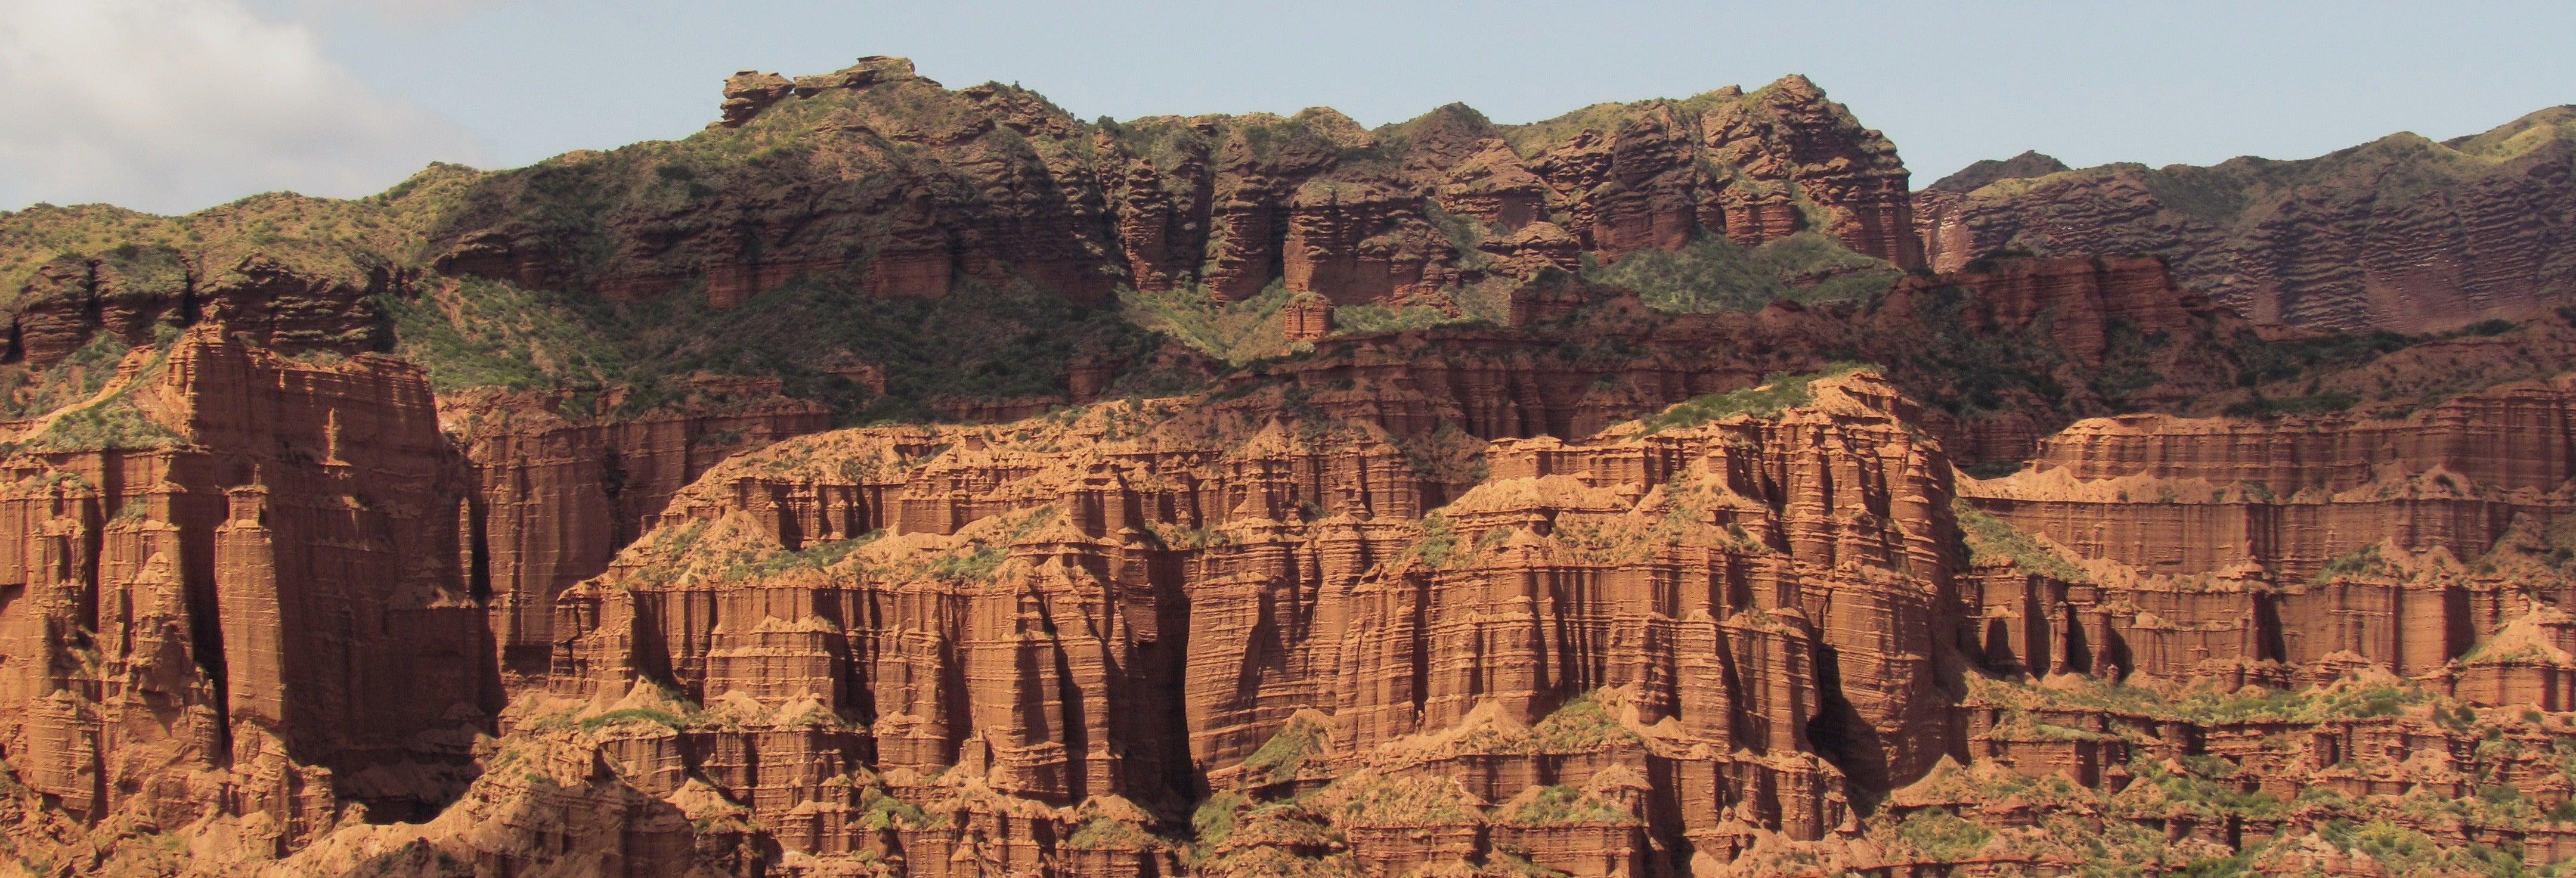 Excursión al Parque Nacional Sierra de las Quijadas